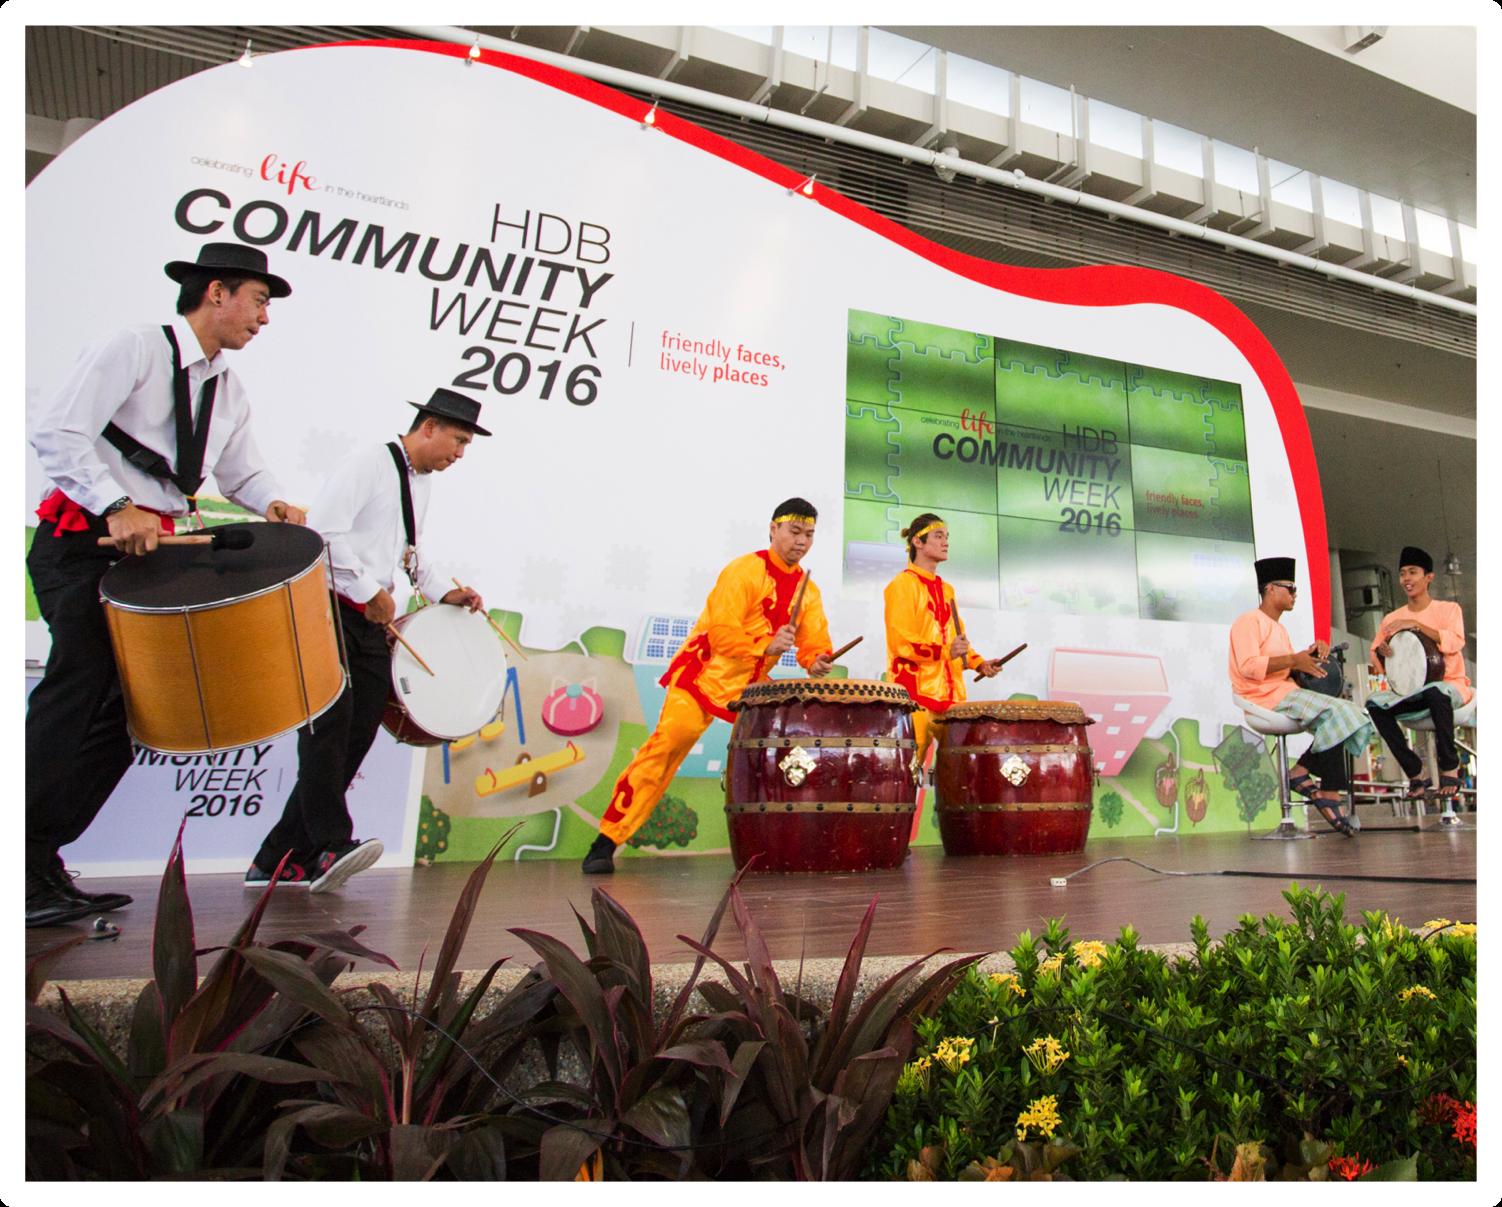 HDB Community Week